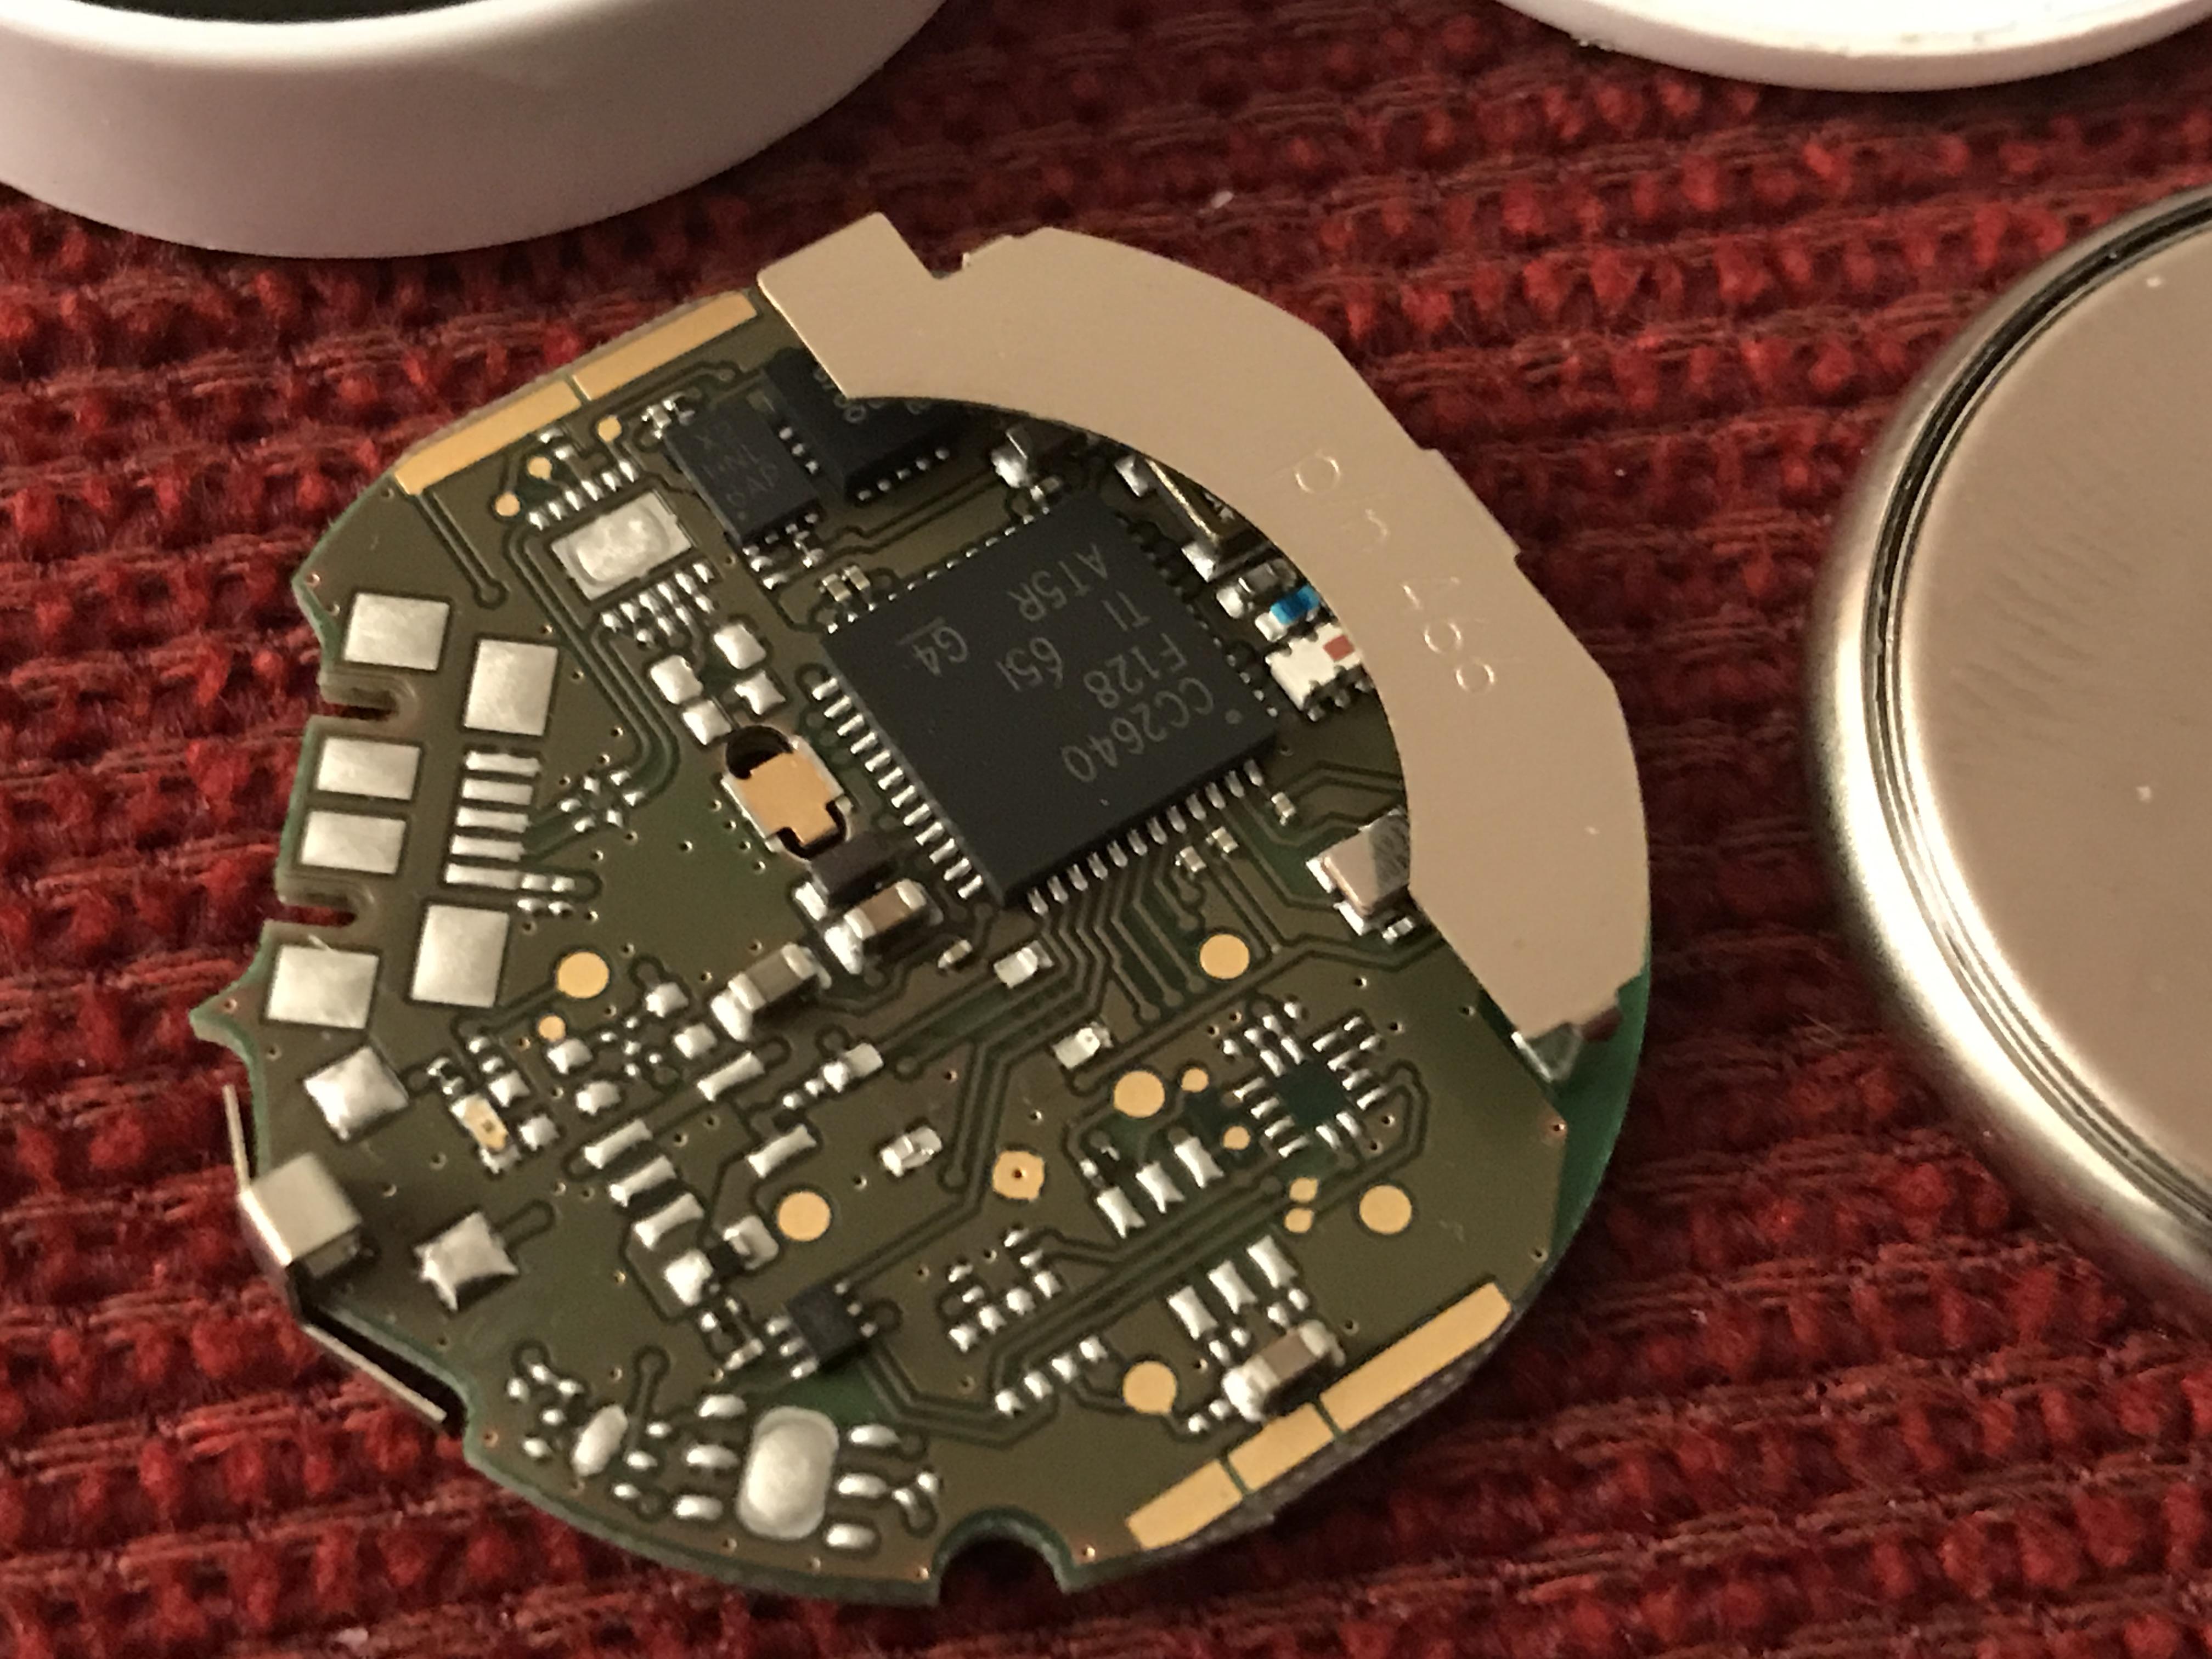 Im Inneren des Beacons blukii L: Das ist keine passive RFID-Technik, von der Testpersonen und Öffentlichkeit ausgehen mussten. Der Beacon sendet aktiv jede Sekunde Daten über Bluetooth.